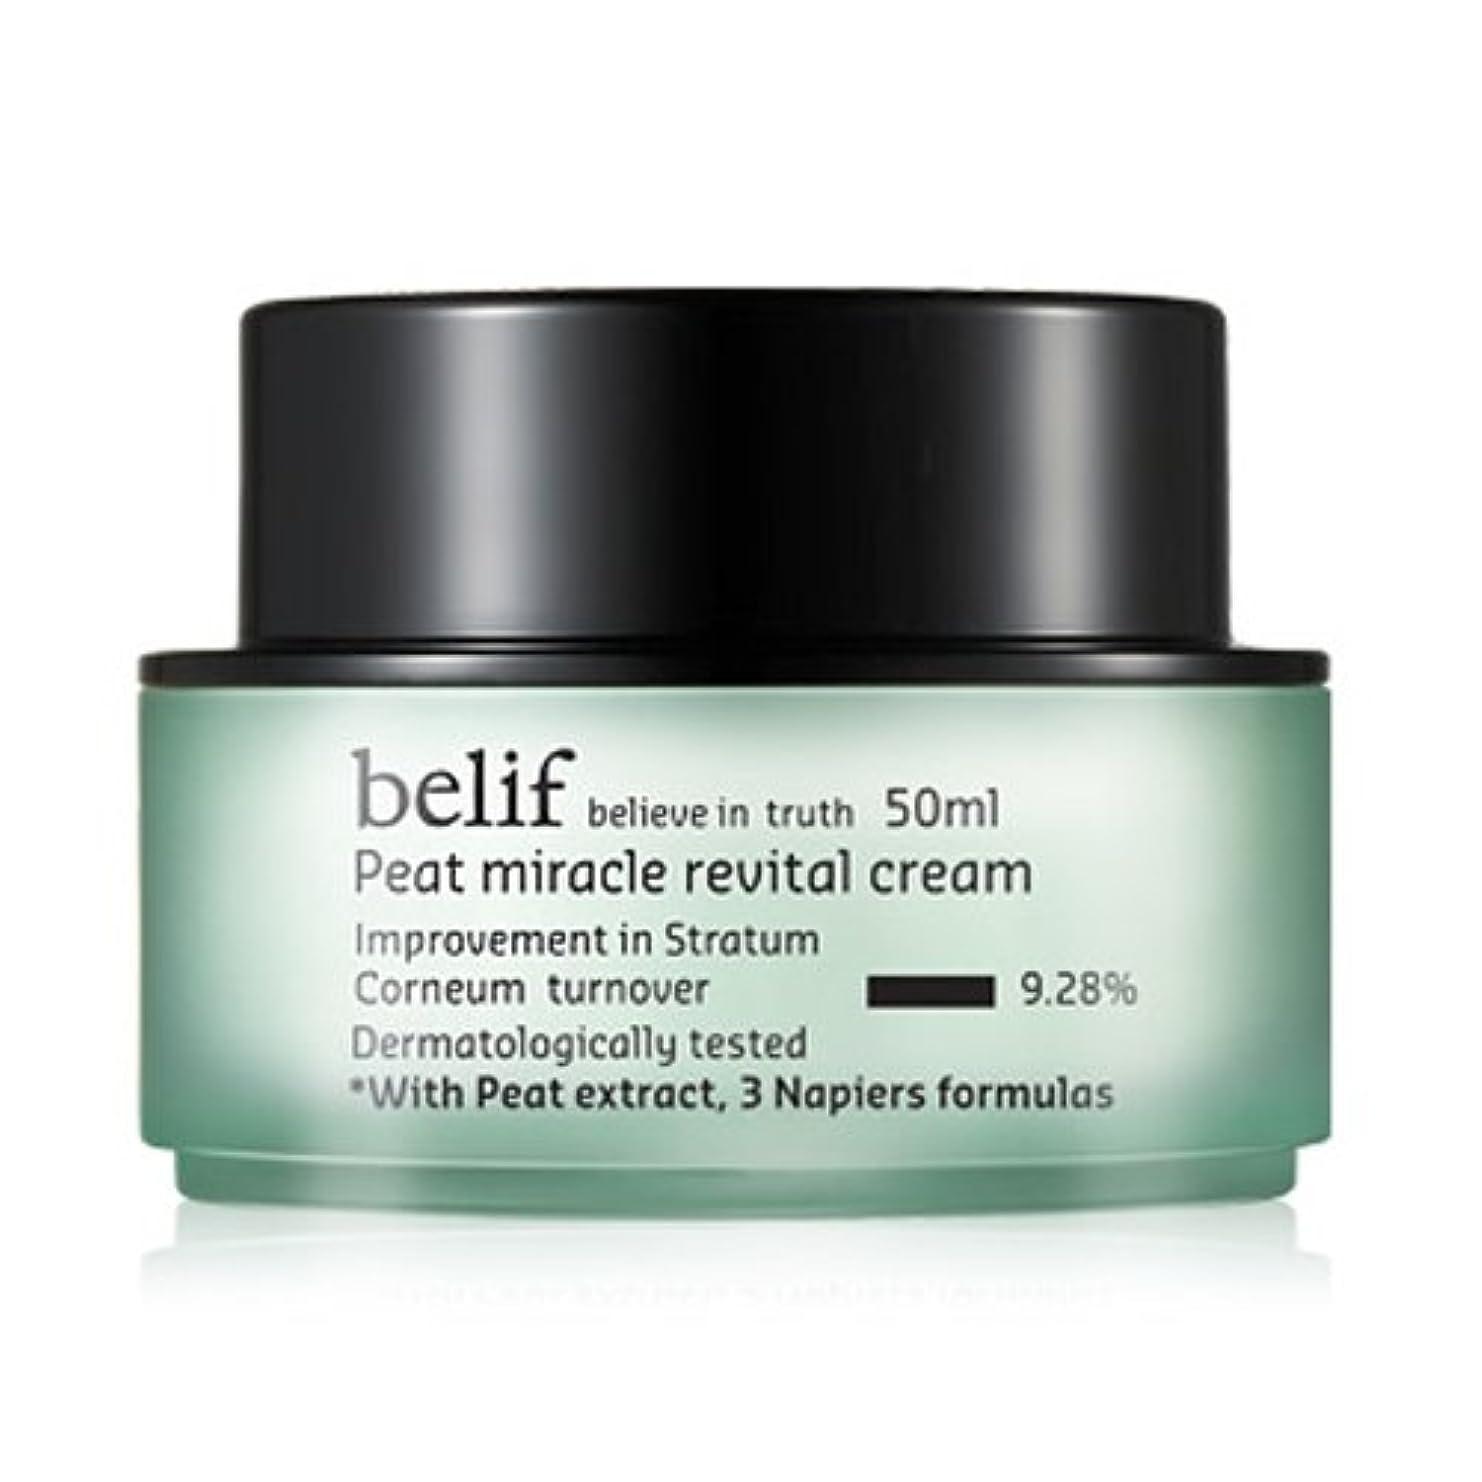 薬用レトルト生まれBelif(ビリーフ)Peat Miracle Revital Cream 50ml/フィートミラクルリバイタルクリーム